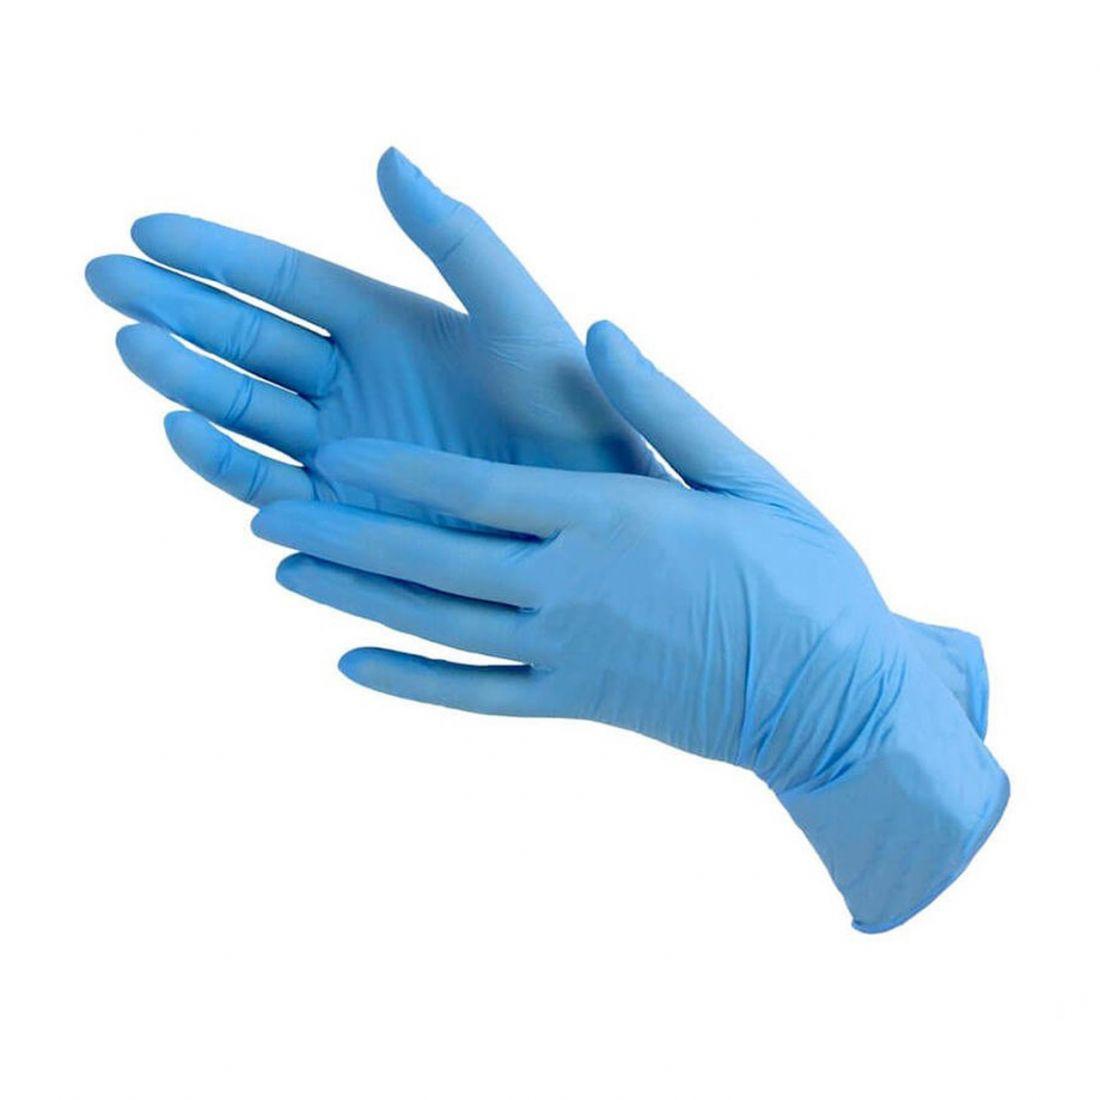 ПЕРЧАТКИ нитриловые голубые неопудренные, 50 пар, размер ХS